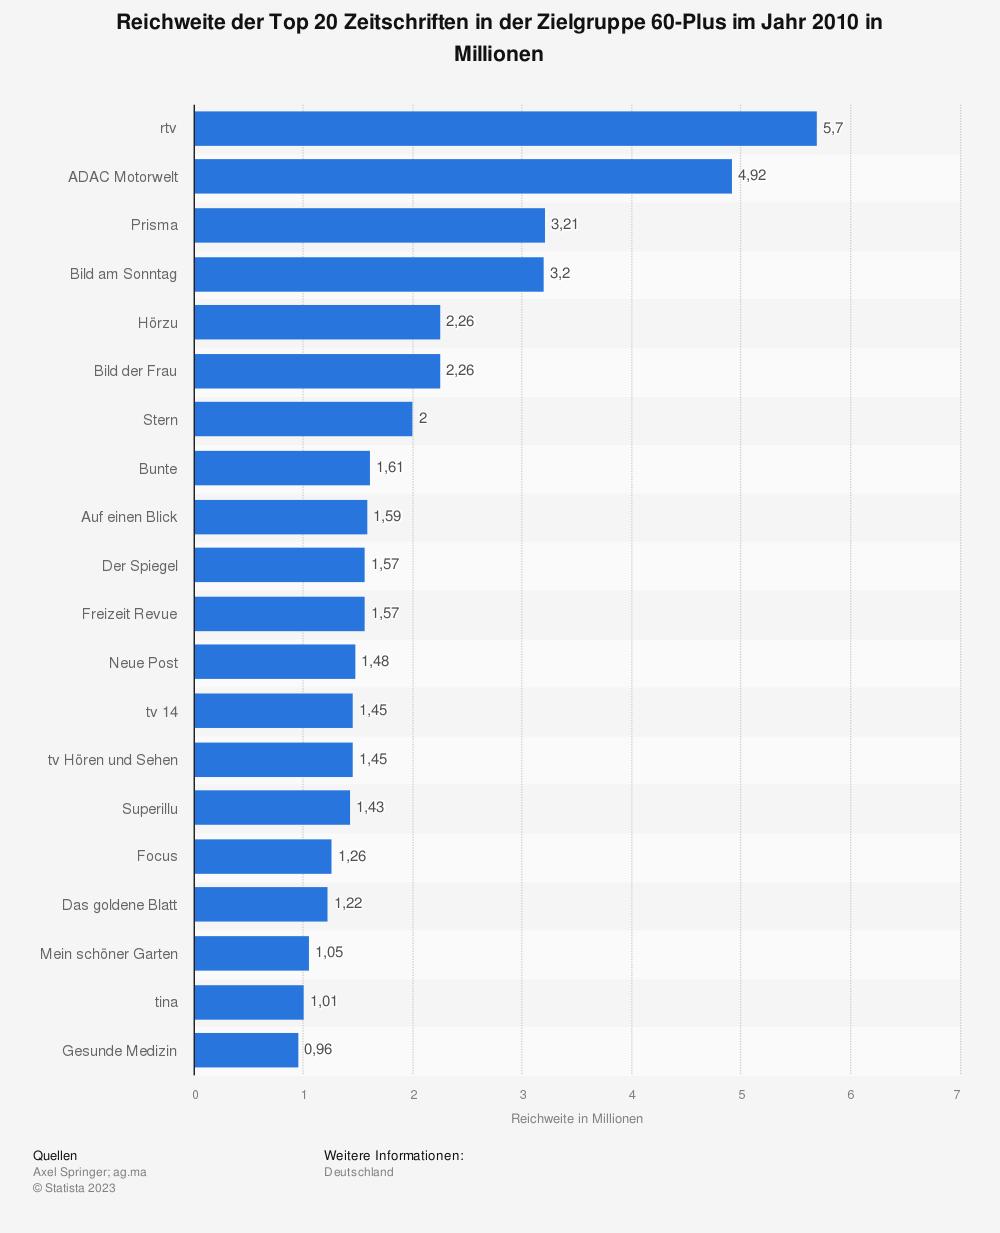 Statistik: Reichweite der Top 20 Zeitschriften in der Zielgruppe 60-Plus im Jahr 2010 in Millionen | Statista